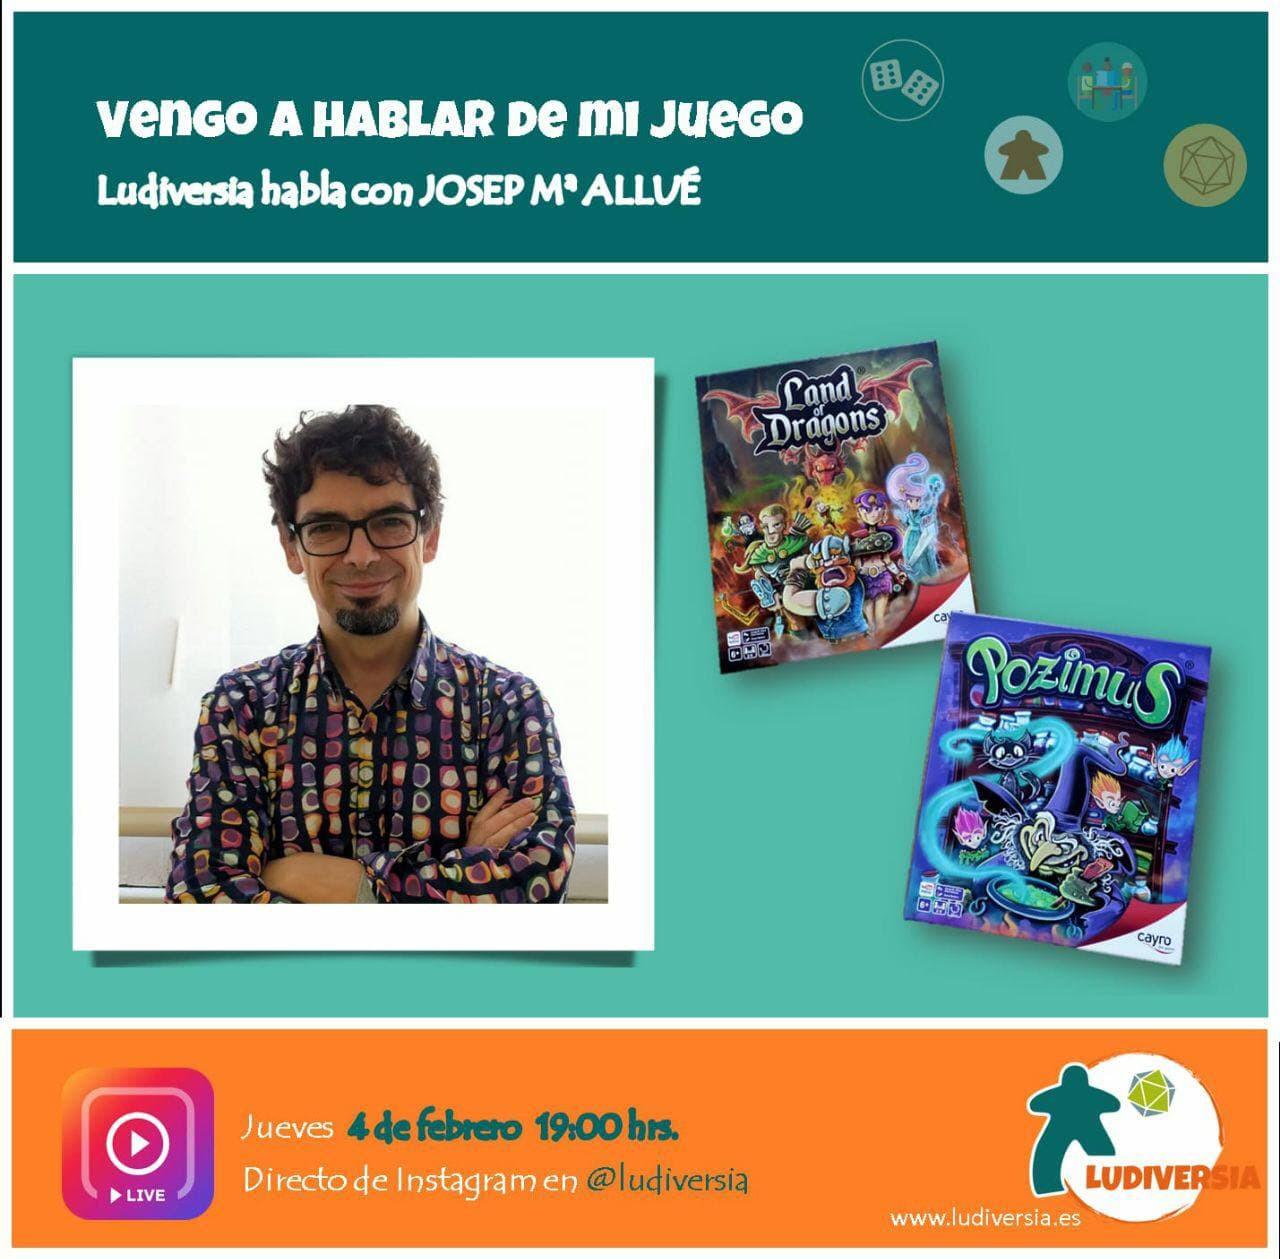 Ludiversia Entrevista a Josep María Allué